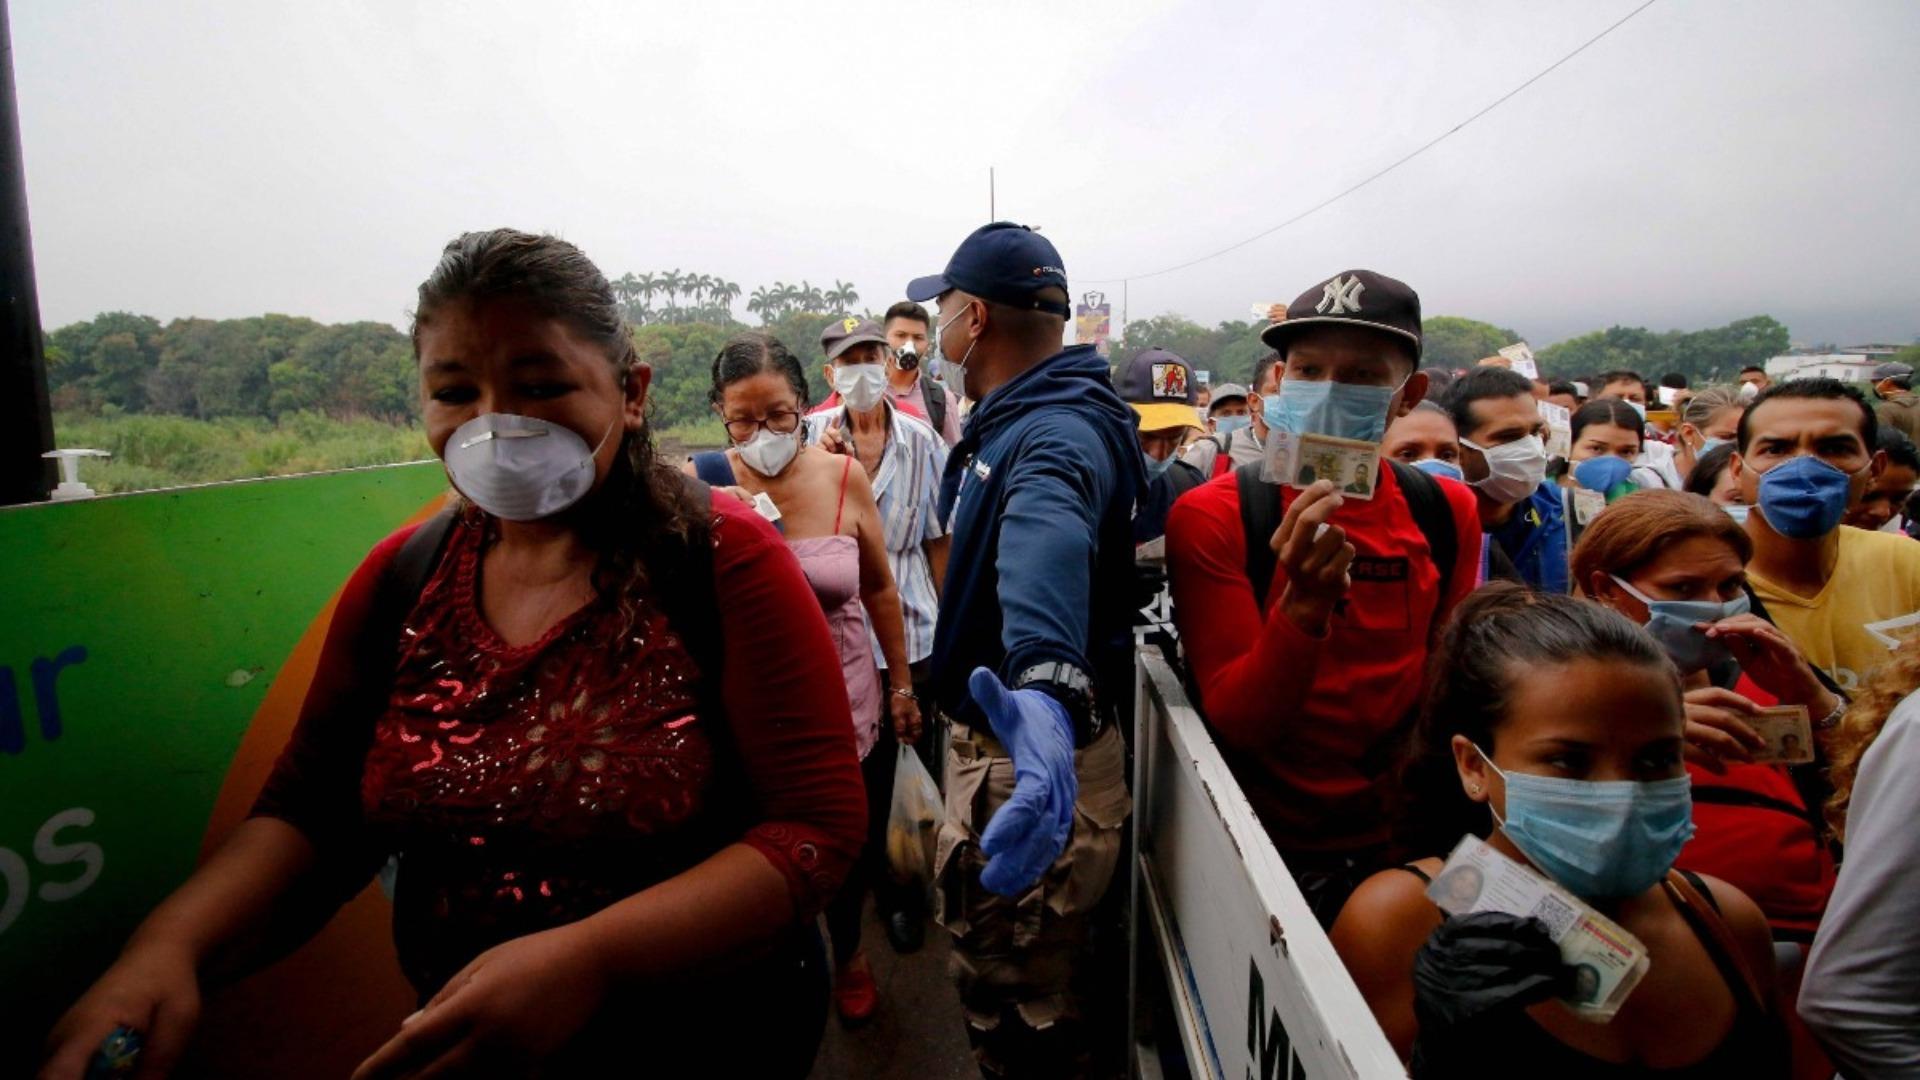 Durante los últimos 2 meses de cuarentena han regresado al país 52.000 venezolanos desde Colombia